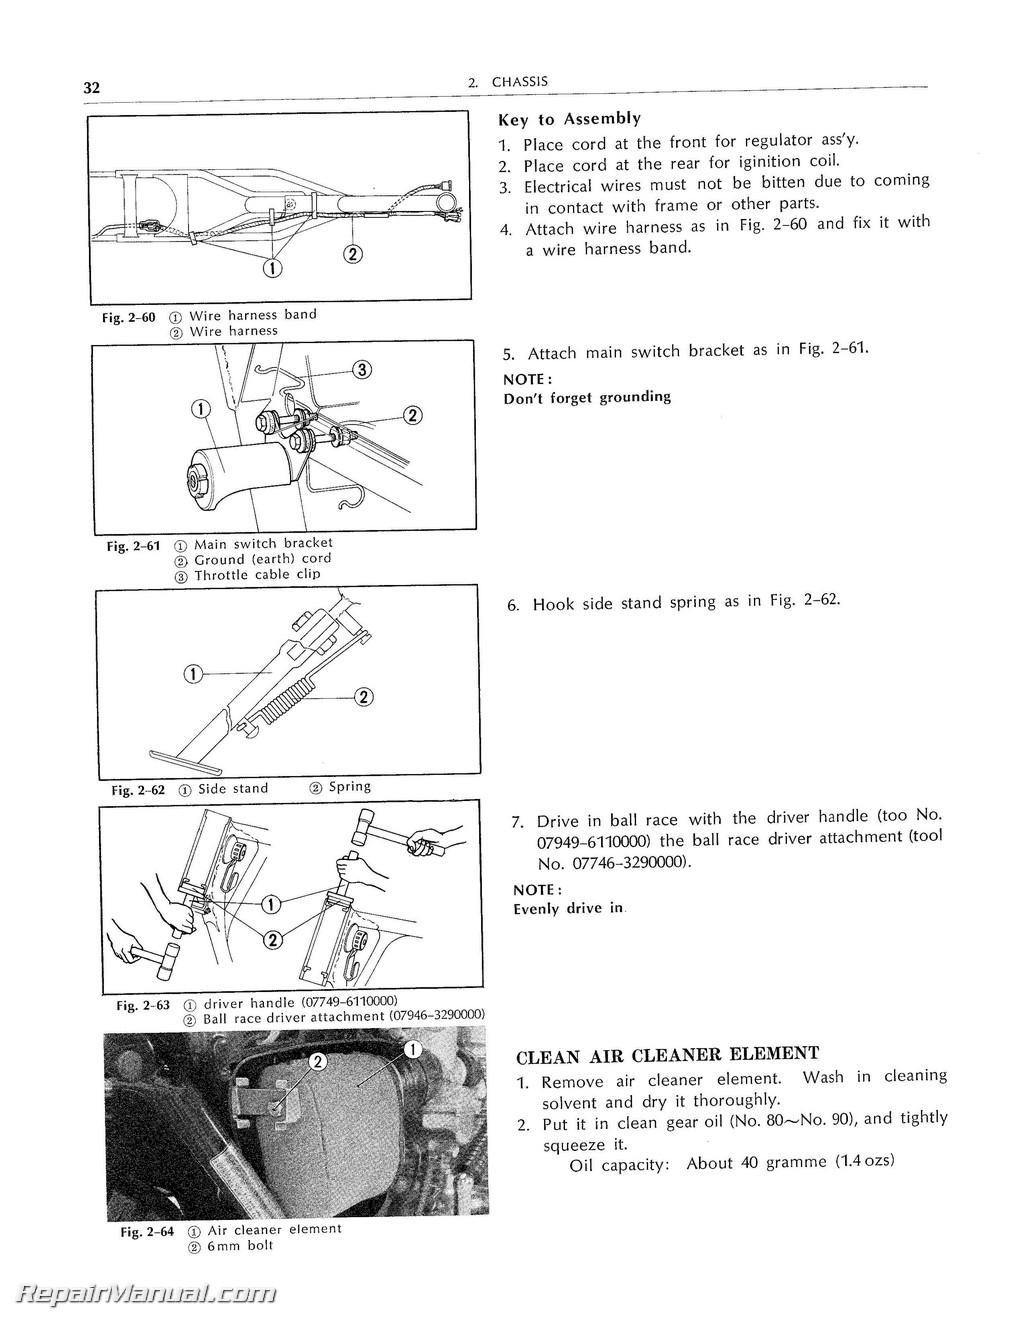 honda xl250 xl350 service manual 1972 1978. Black Bedroom Furniture Sets. Home Design Ideas